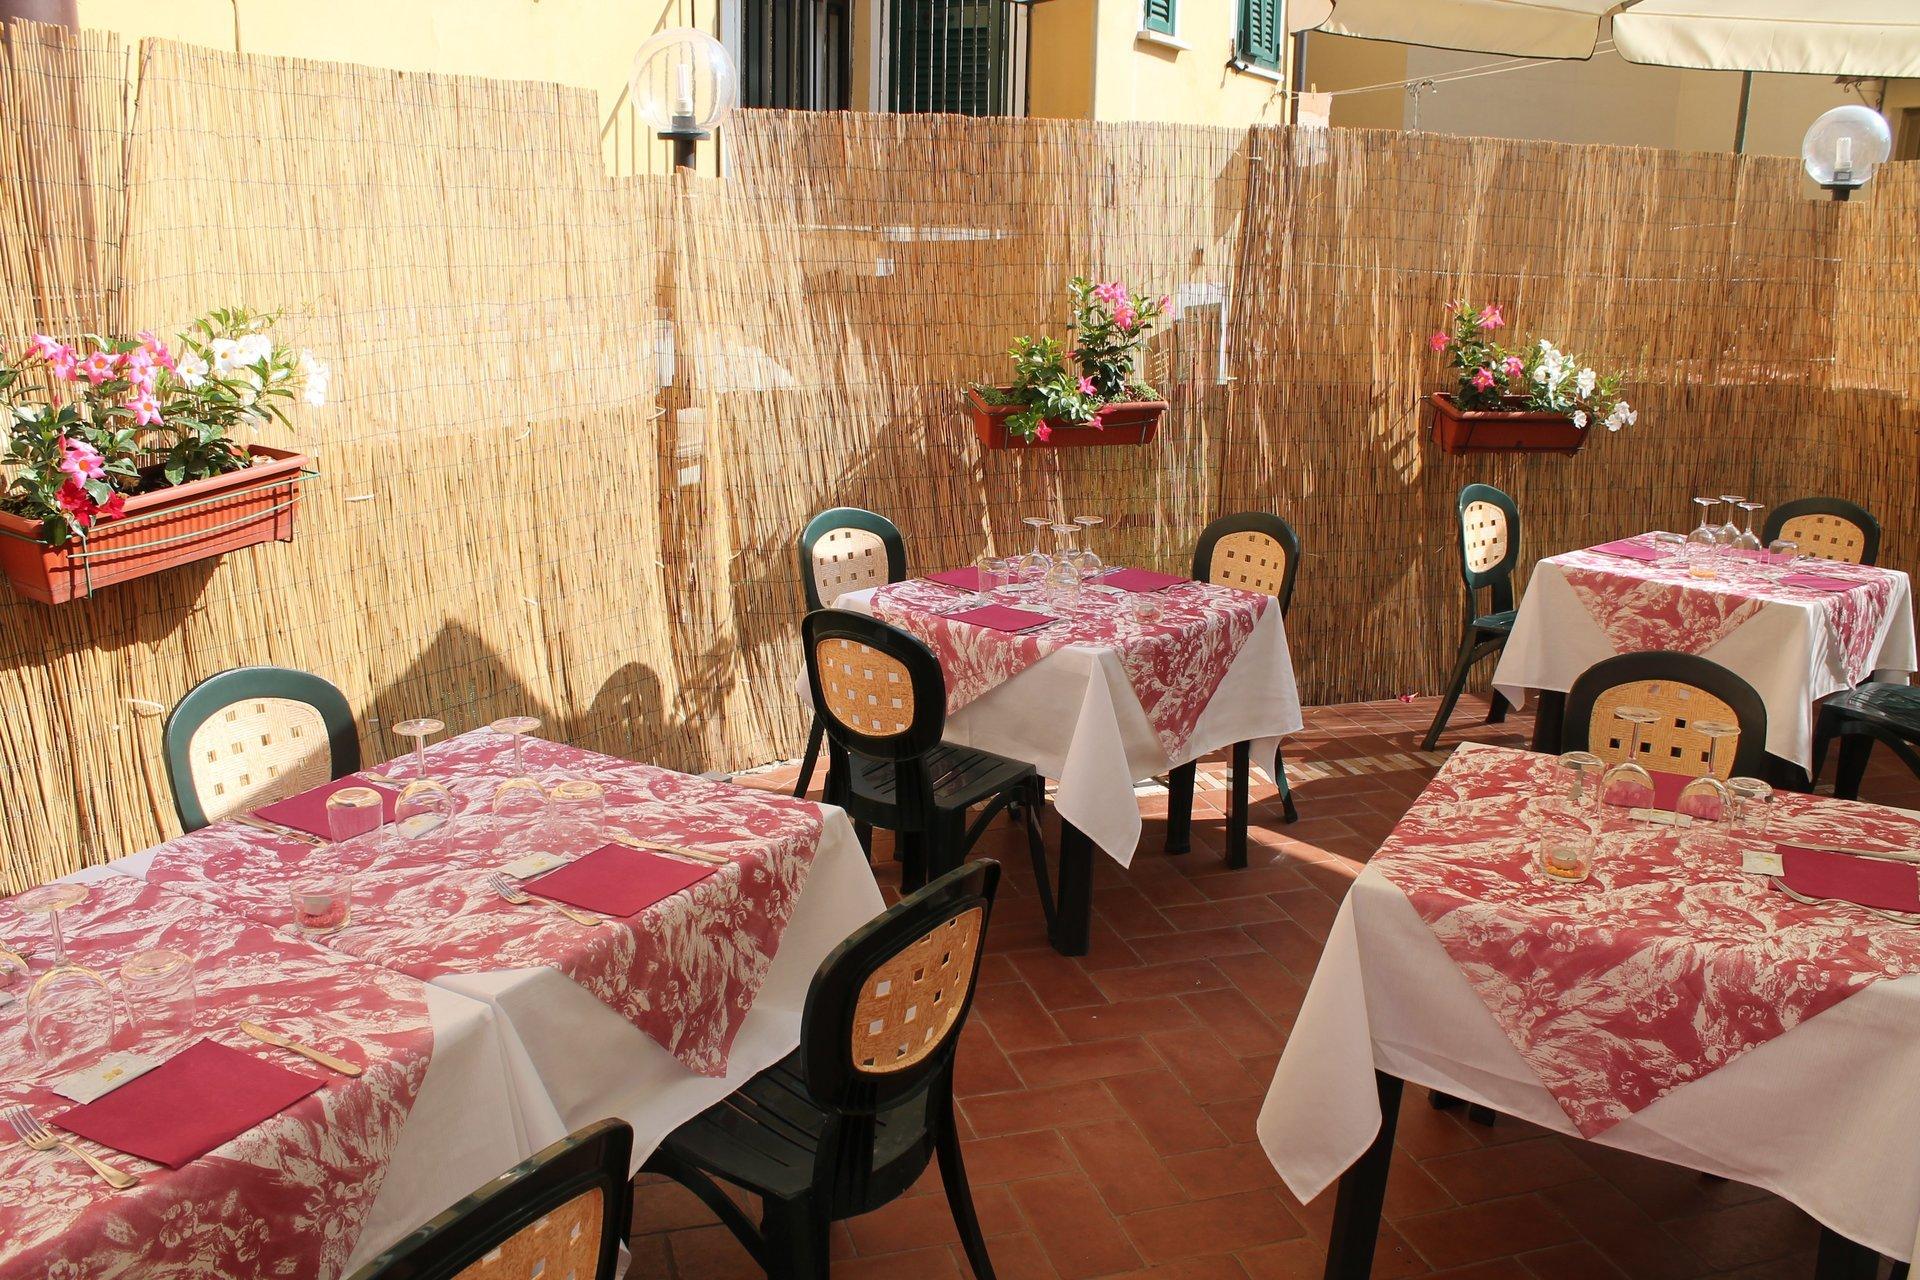 tavoli in una veranda all'aperto